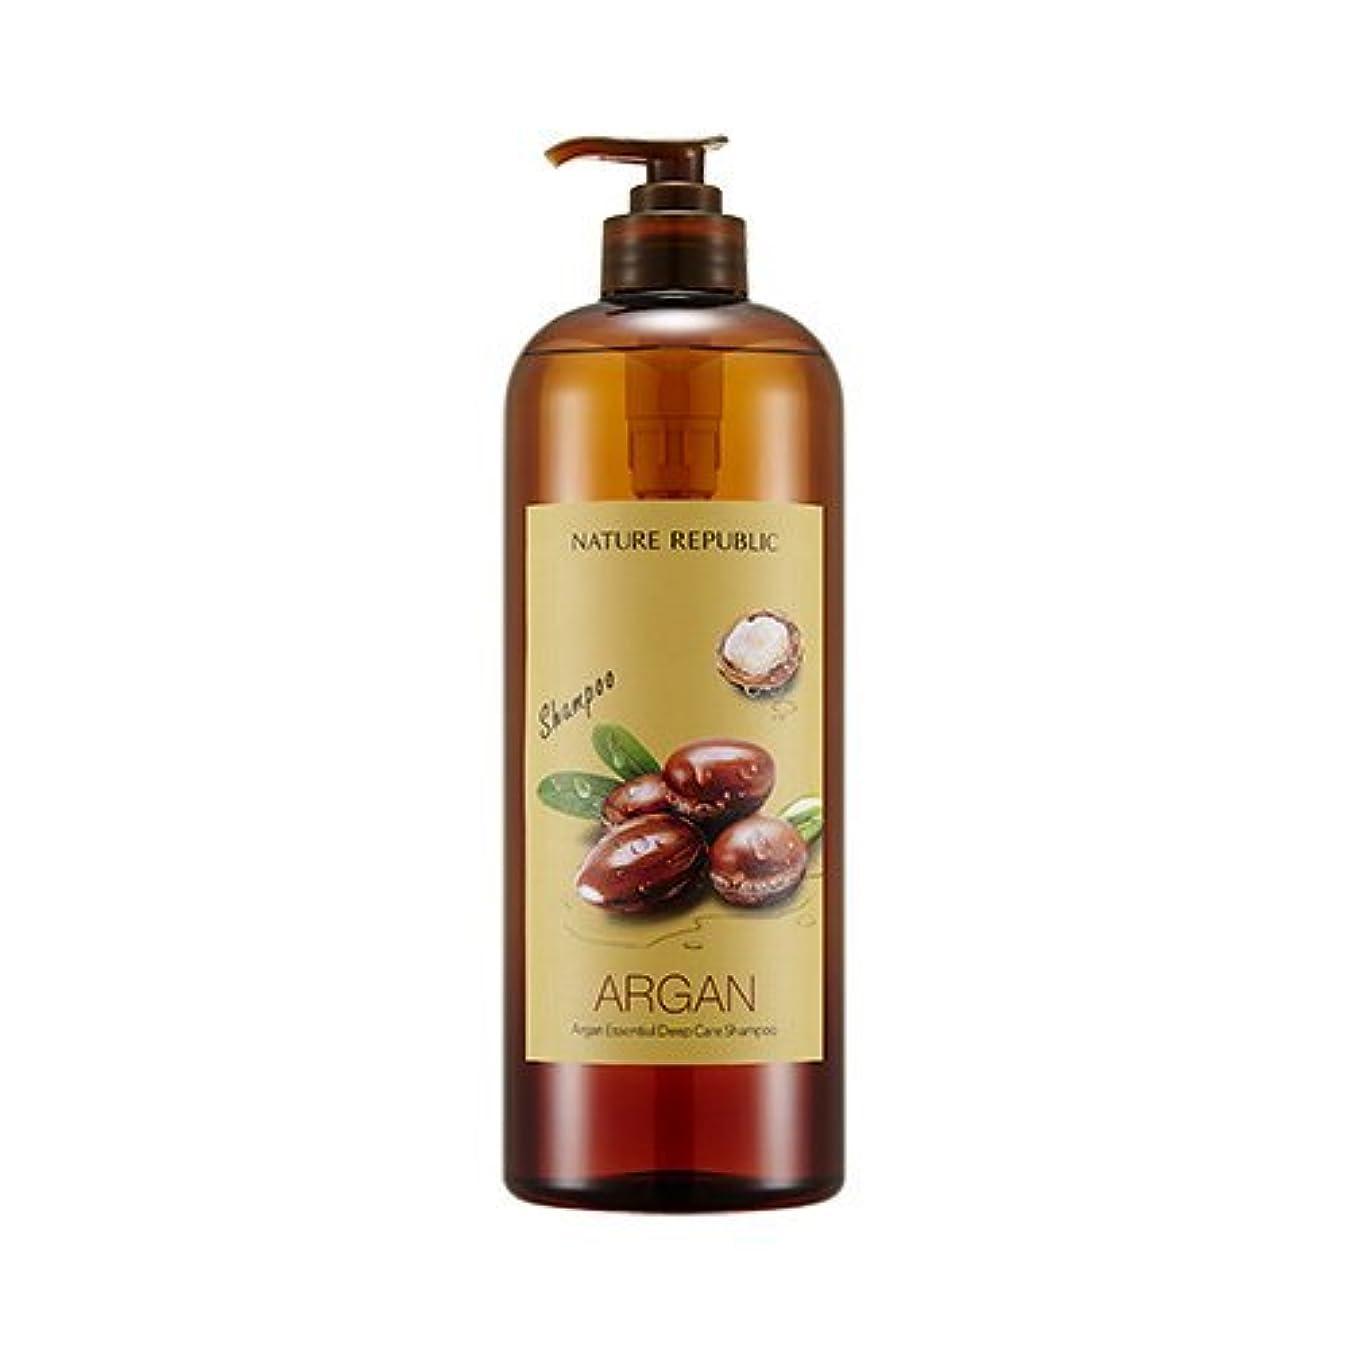 味怒り近々NATURE REPUBLIC Argan Essential Deep Care Shampoo 1000? ネイチャーリパブリック アルガンエッセンシャルディープケアシャンプー(大容量) [並行輸入品]